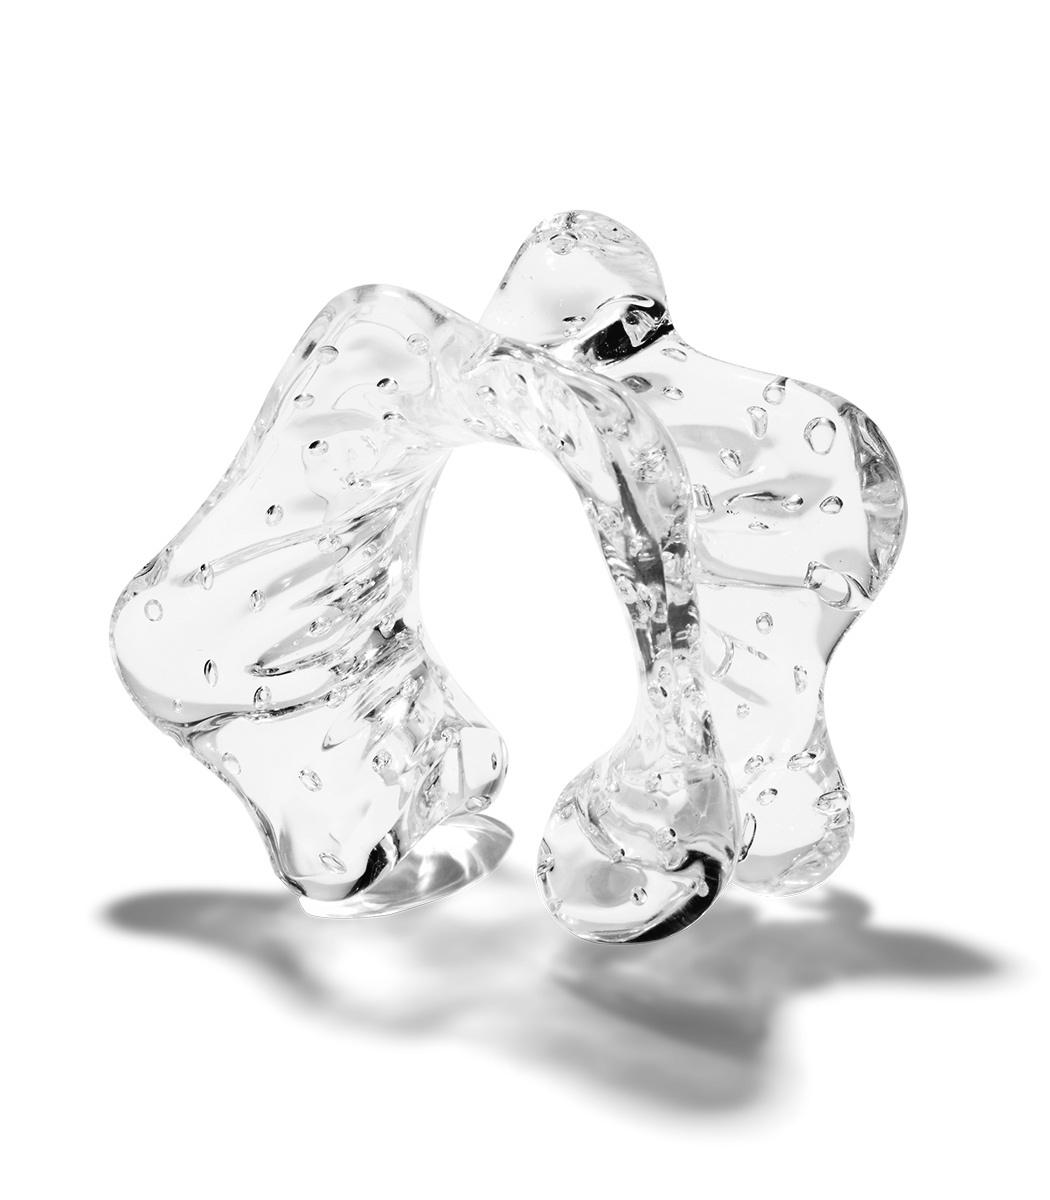 Small Glass Cuff